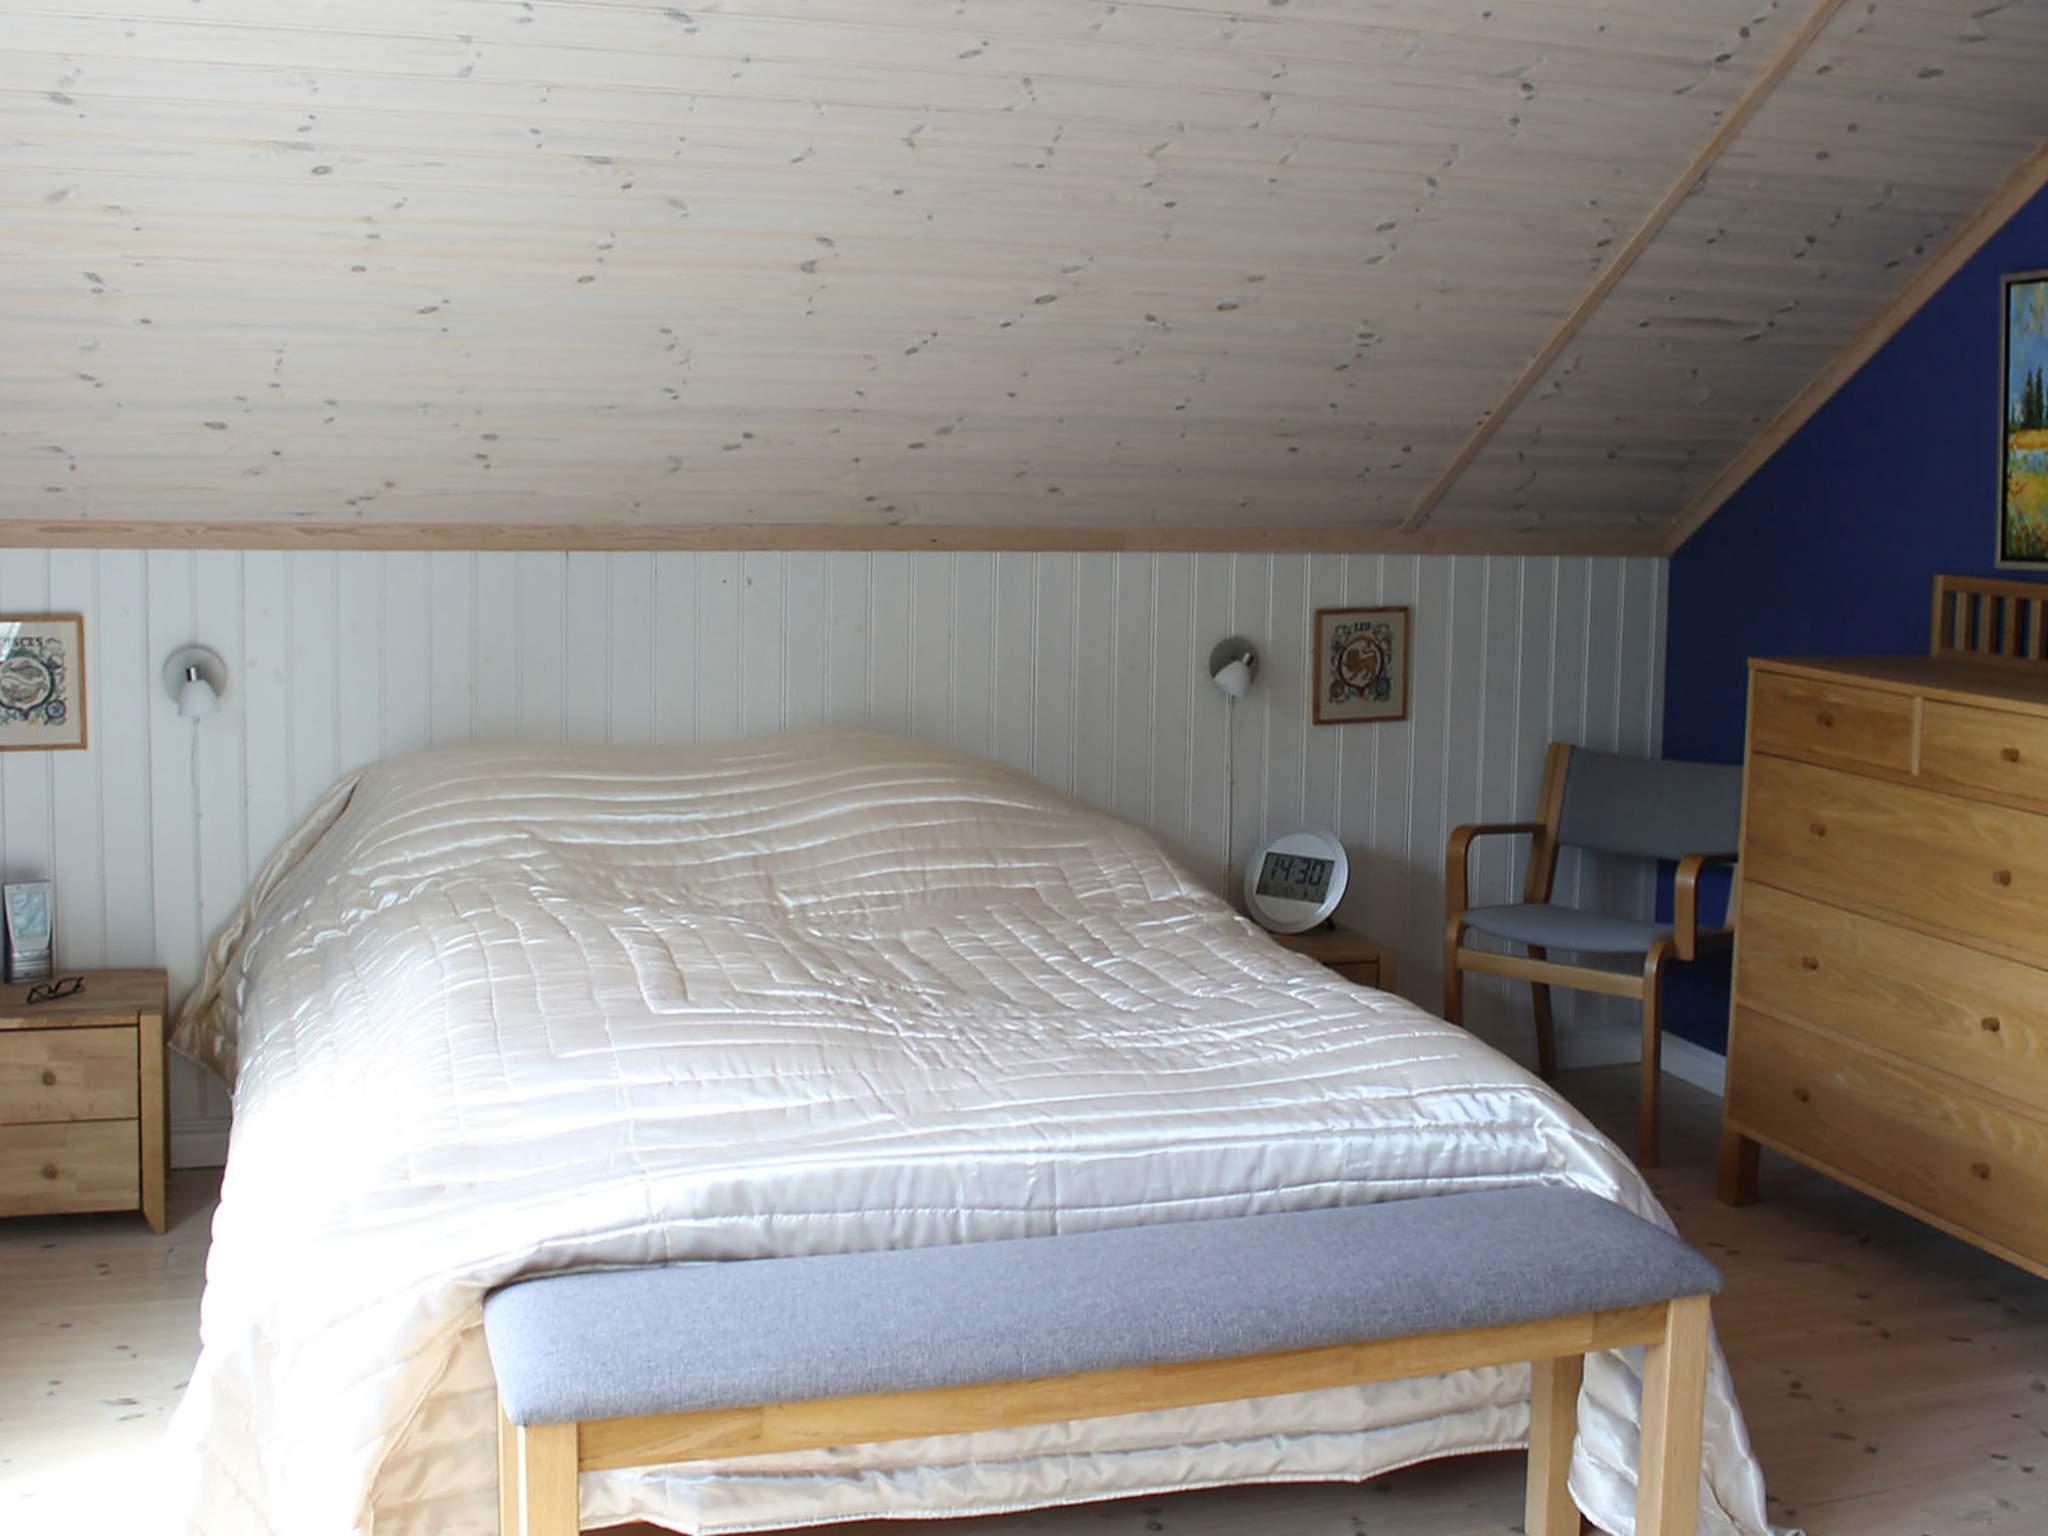 Ferienhaus Eksjö (642218), Hult, Jönköpings län, Südschweden, Schweden, Bild 15